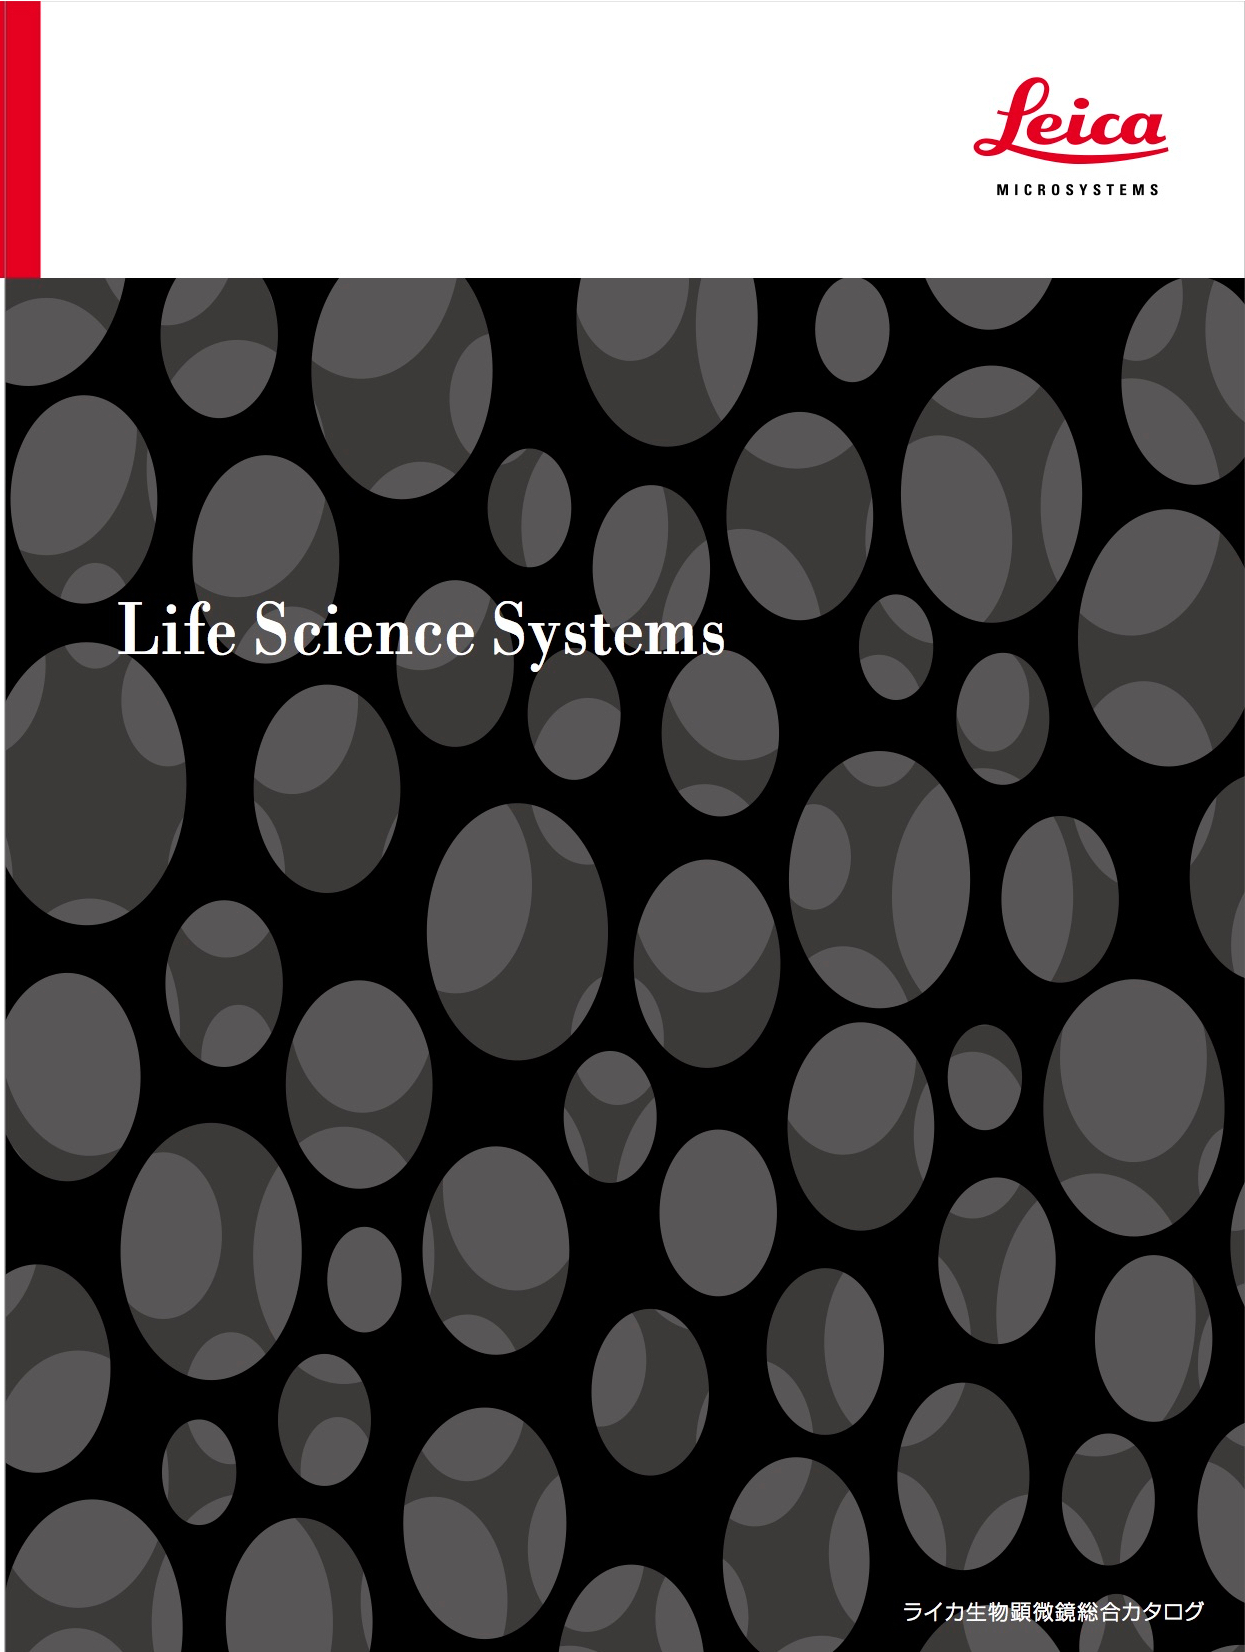 ダウンロード/生物・医学研究用顕微鏡 2017 総合カタログ